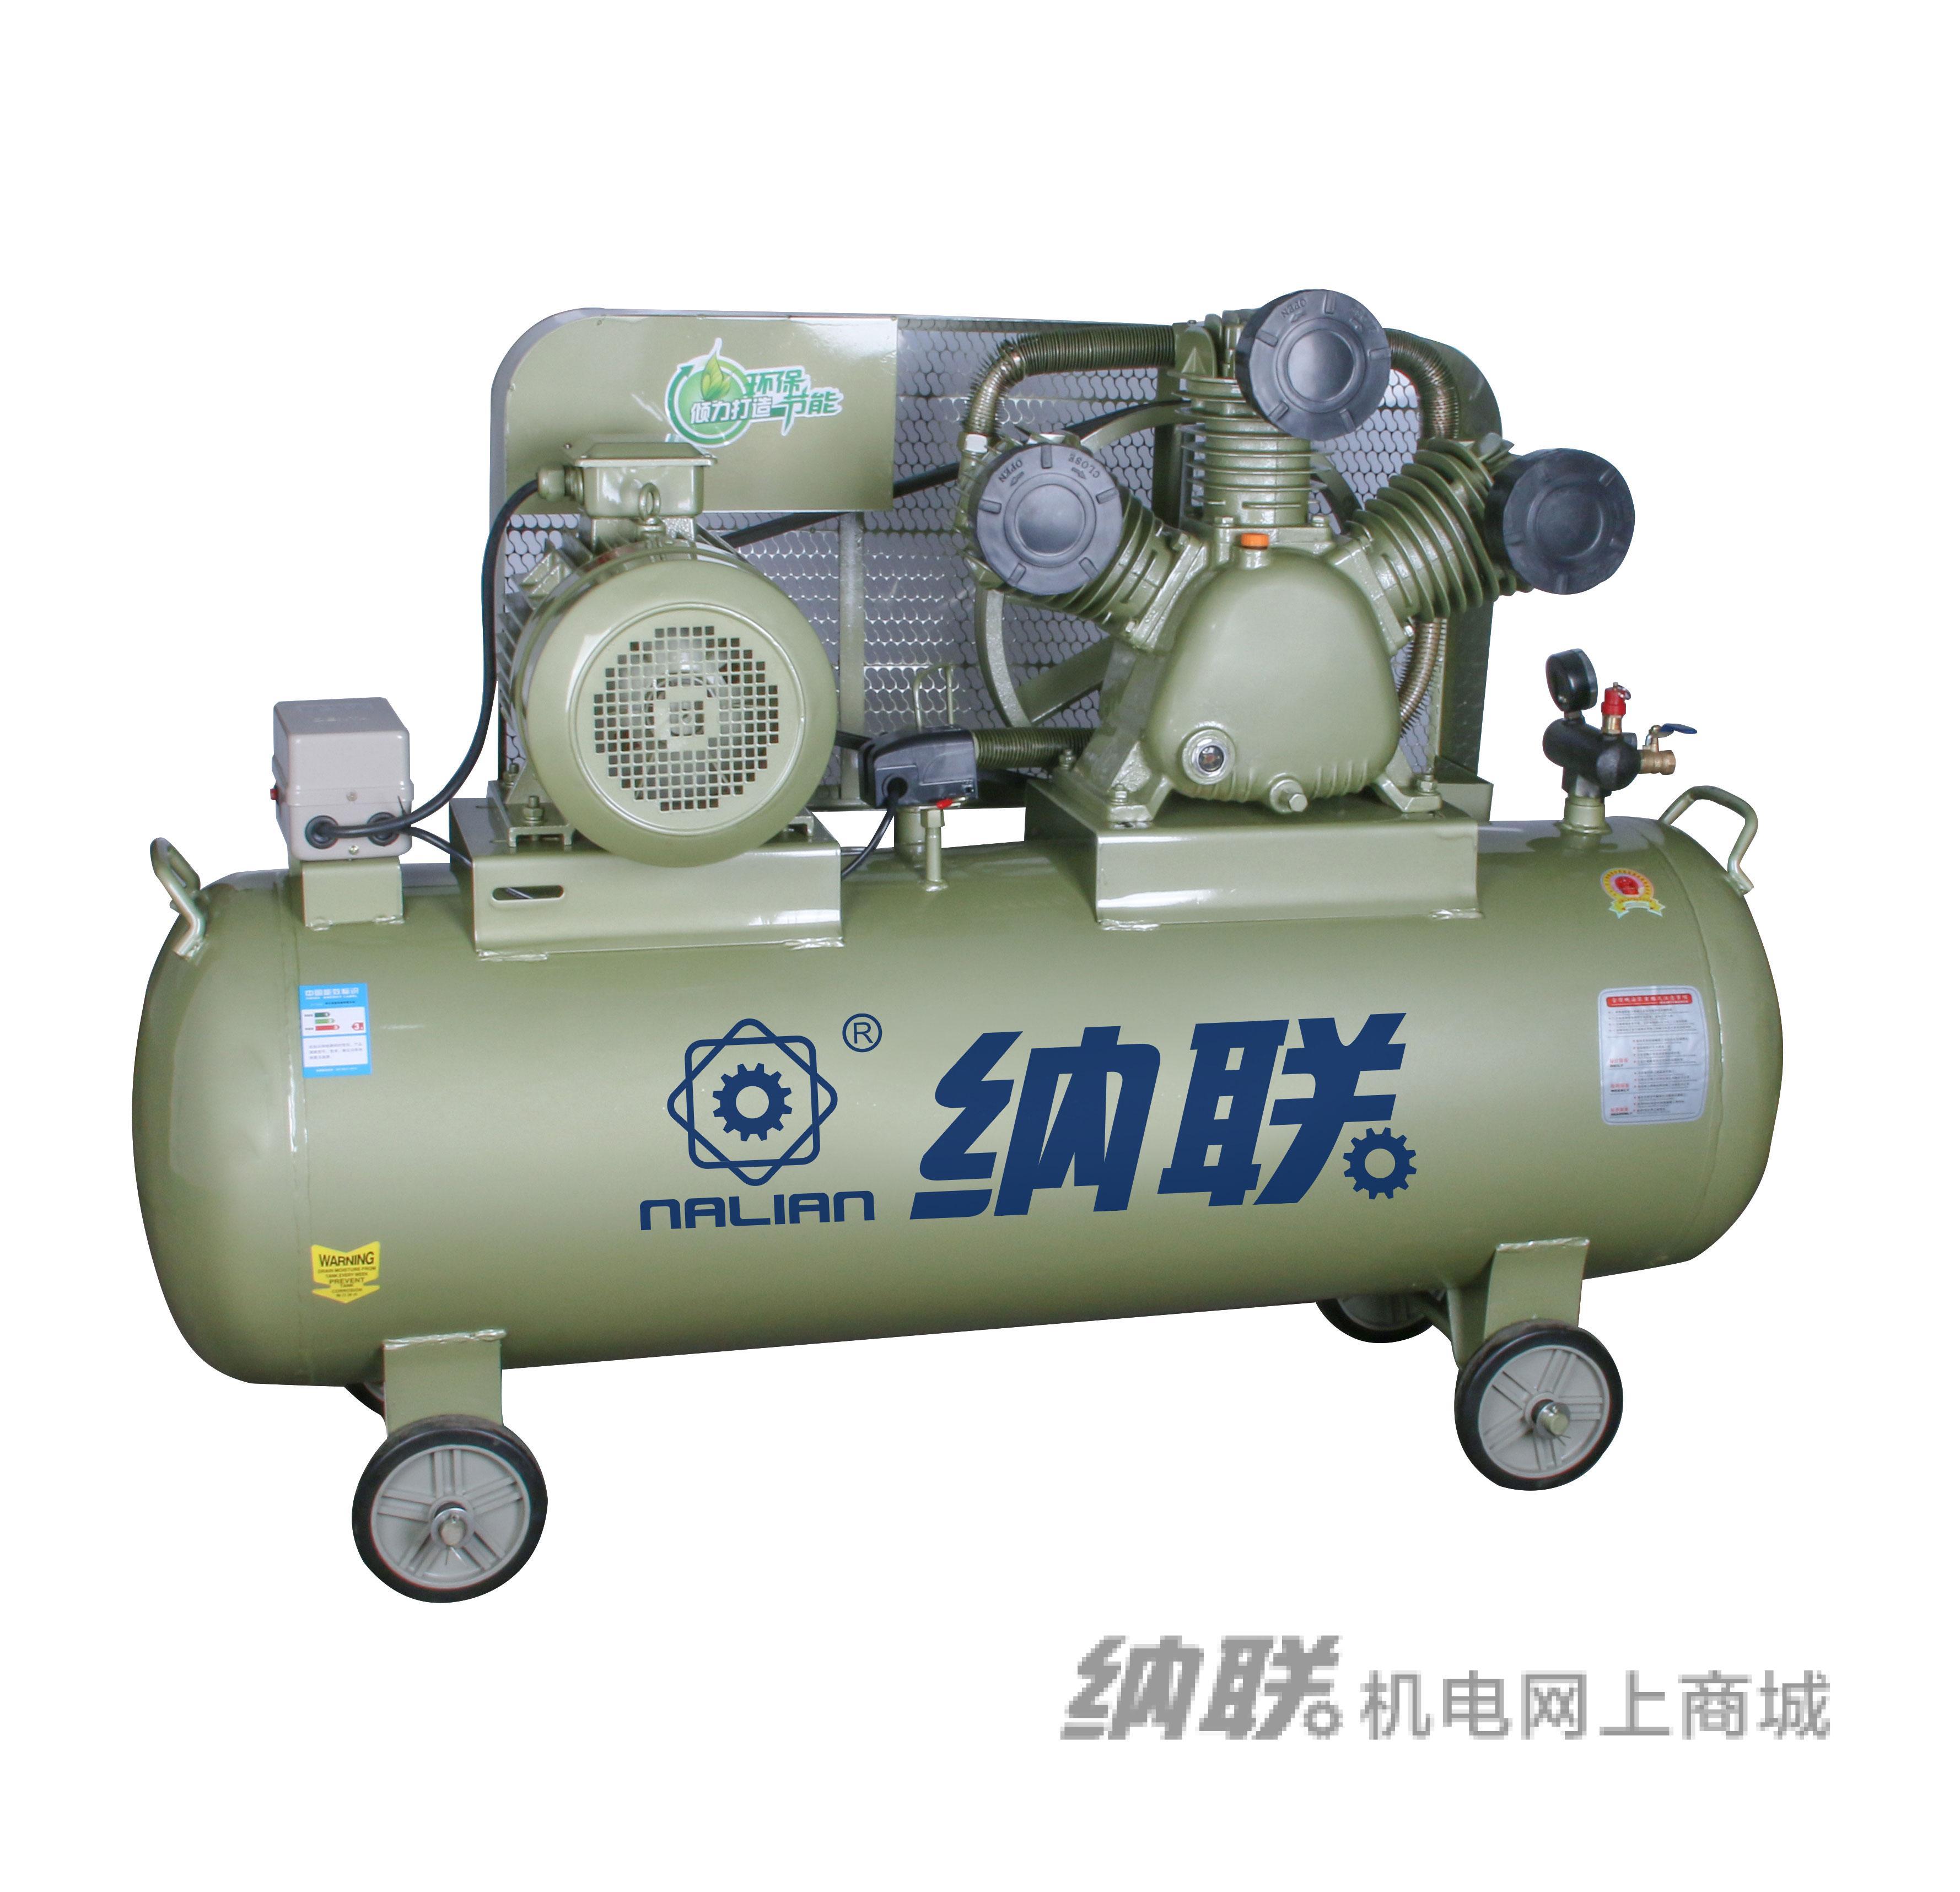 纳联机电 皮带空压机-W-1.0/8 三(7.5kw-2)